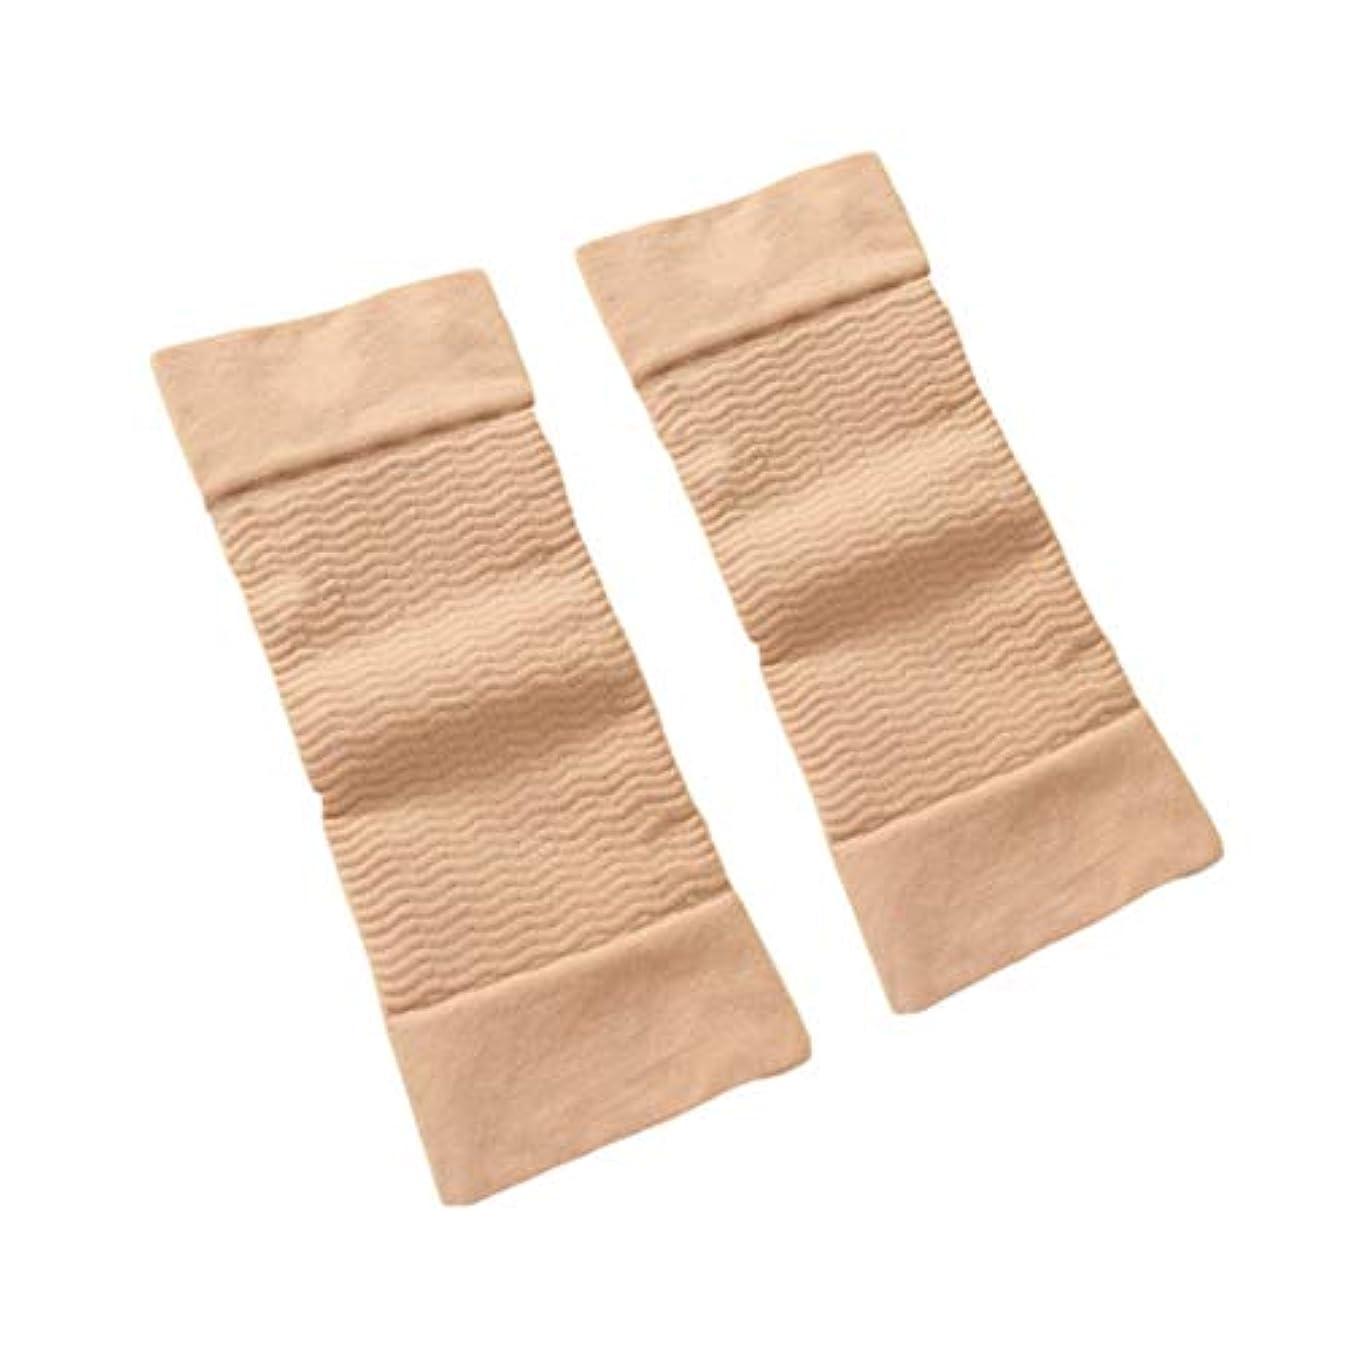 影響を受けやすいです払い戻し国勢調査1ペア420 D圧縮痩身アームスリーブワークアウトトーニングバーンセルライトシェイパー脂肪燃焼袖用女性 - 肌色